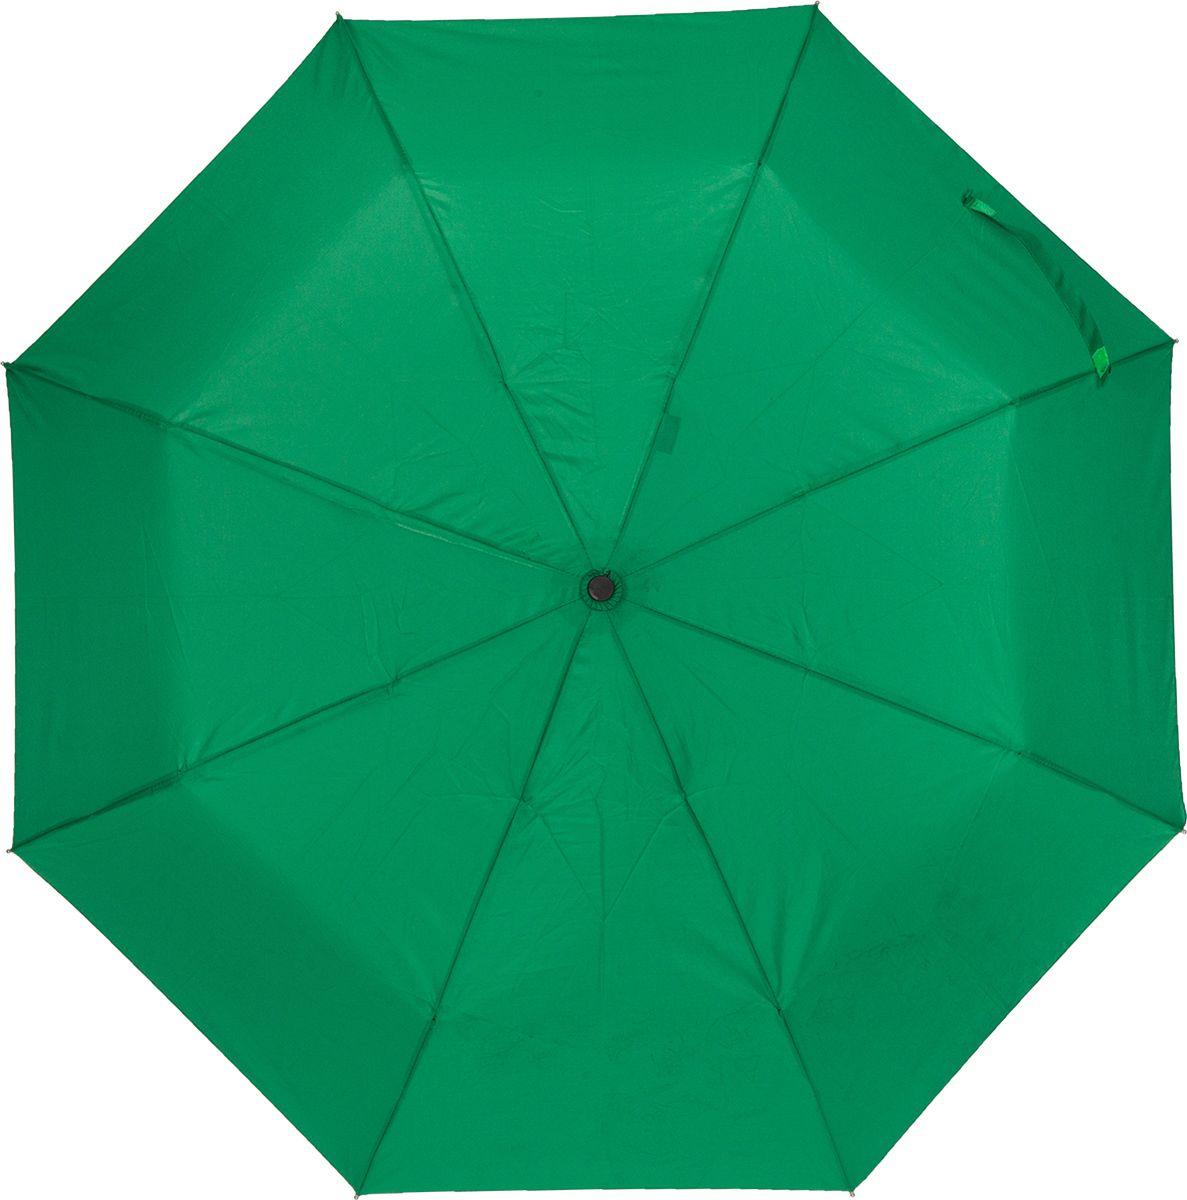 Зонт женский Labbra, цвет: зеленый. A3-05-LT200Бусы-ошейникЖенский зонт-автомат торговой марки LABBRA с проявляющимся рисунком. Изображение на зонте начинает проявляться, как только ткань купола намокает, при высыхании рисунок тускнеет и исчезает. Купол: 100% полиэстер, эпонж. Материал каркаса: сталь + алюминий + фибергласс. Материал ручки: пластик. Длина изделия - 29 см. Диаметр купола - 105 см.